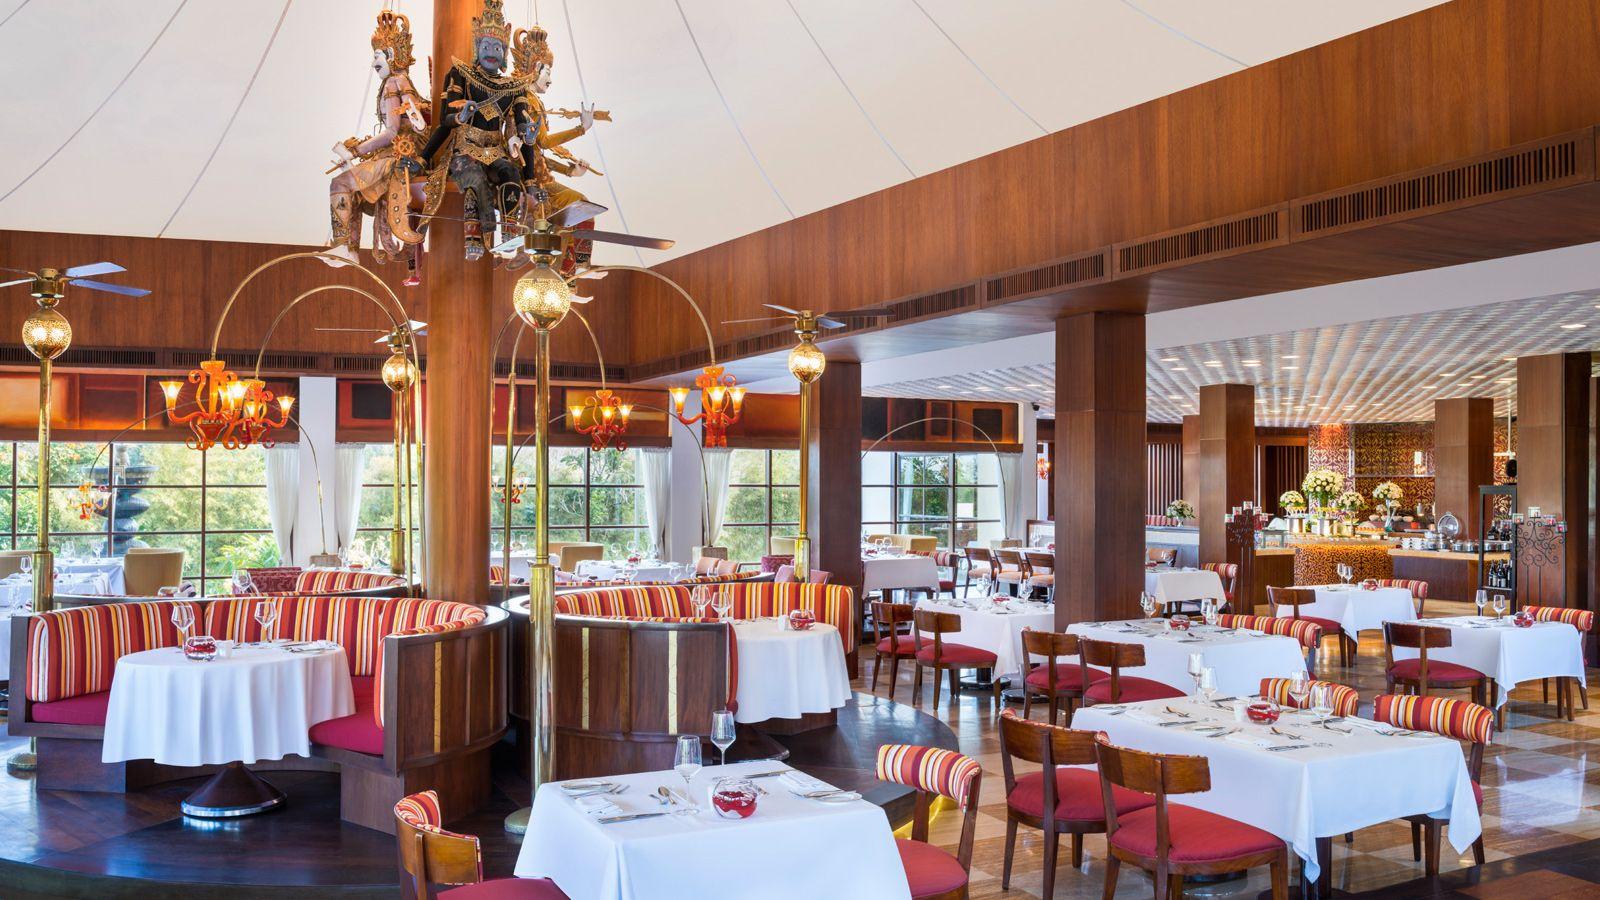 Boneka Restaurant Nusa Dua, Hadirkan Kesan Nusantara yang Khas di Dalam Ruangan